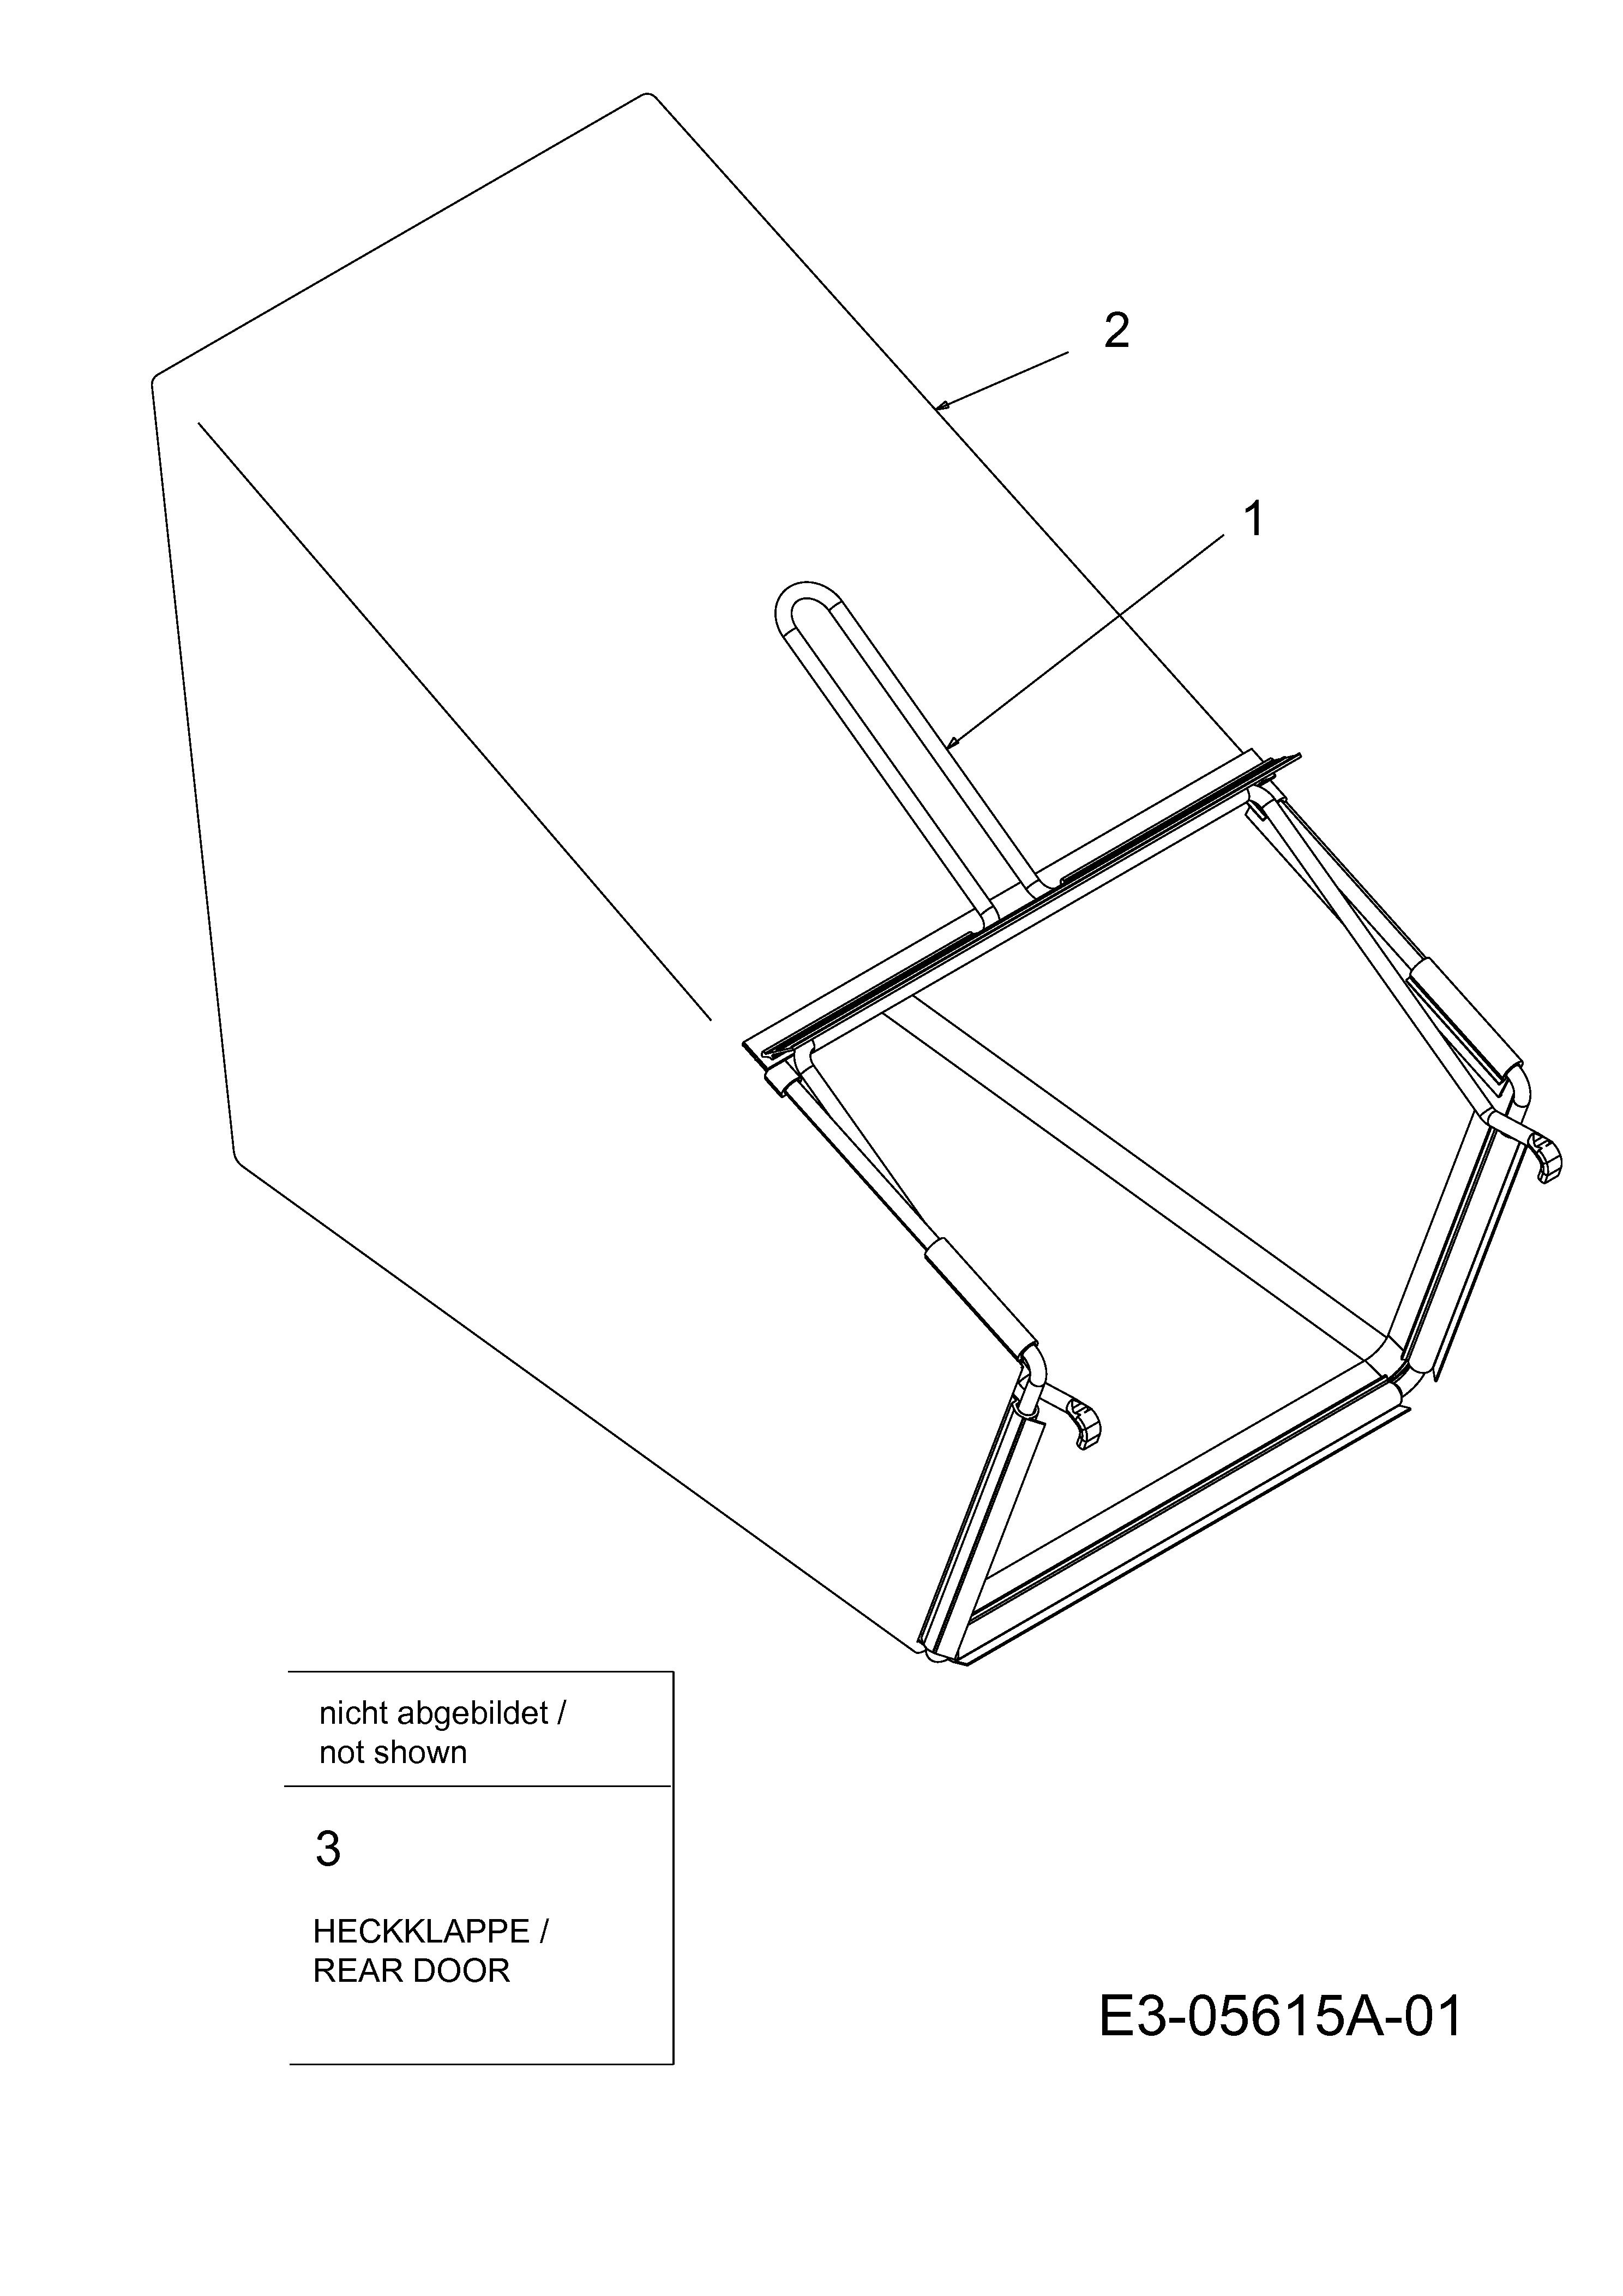 Grasfangsack, 12C-844H683 (2010), BL 5053, Motormäher mit